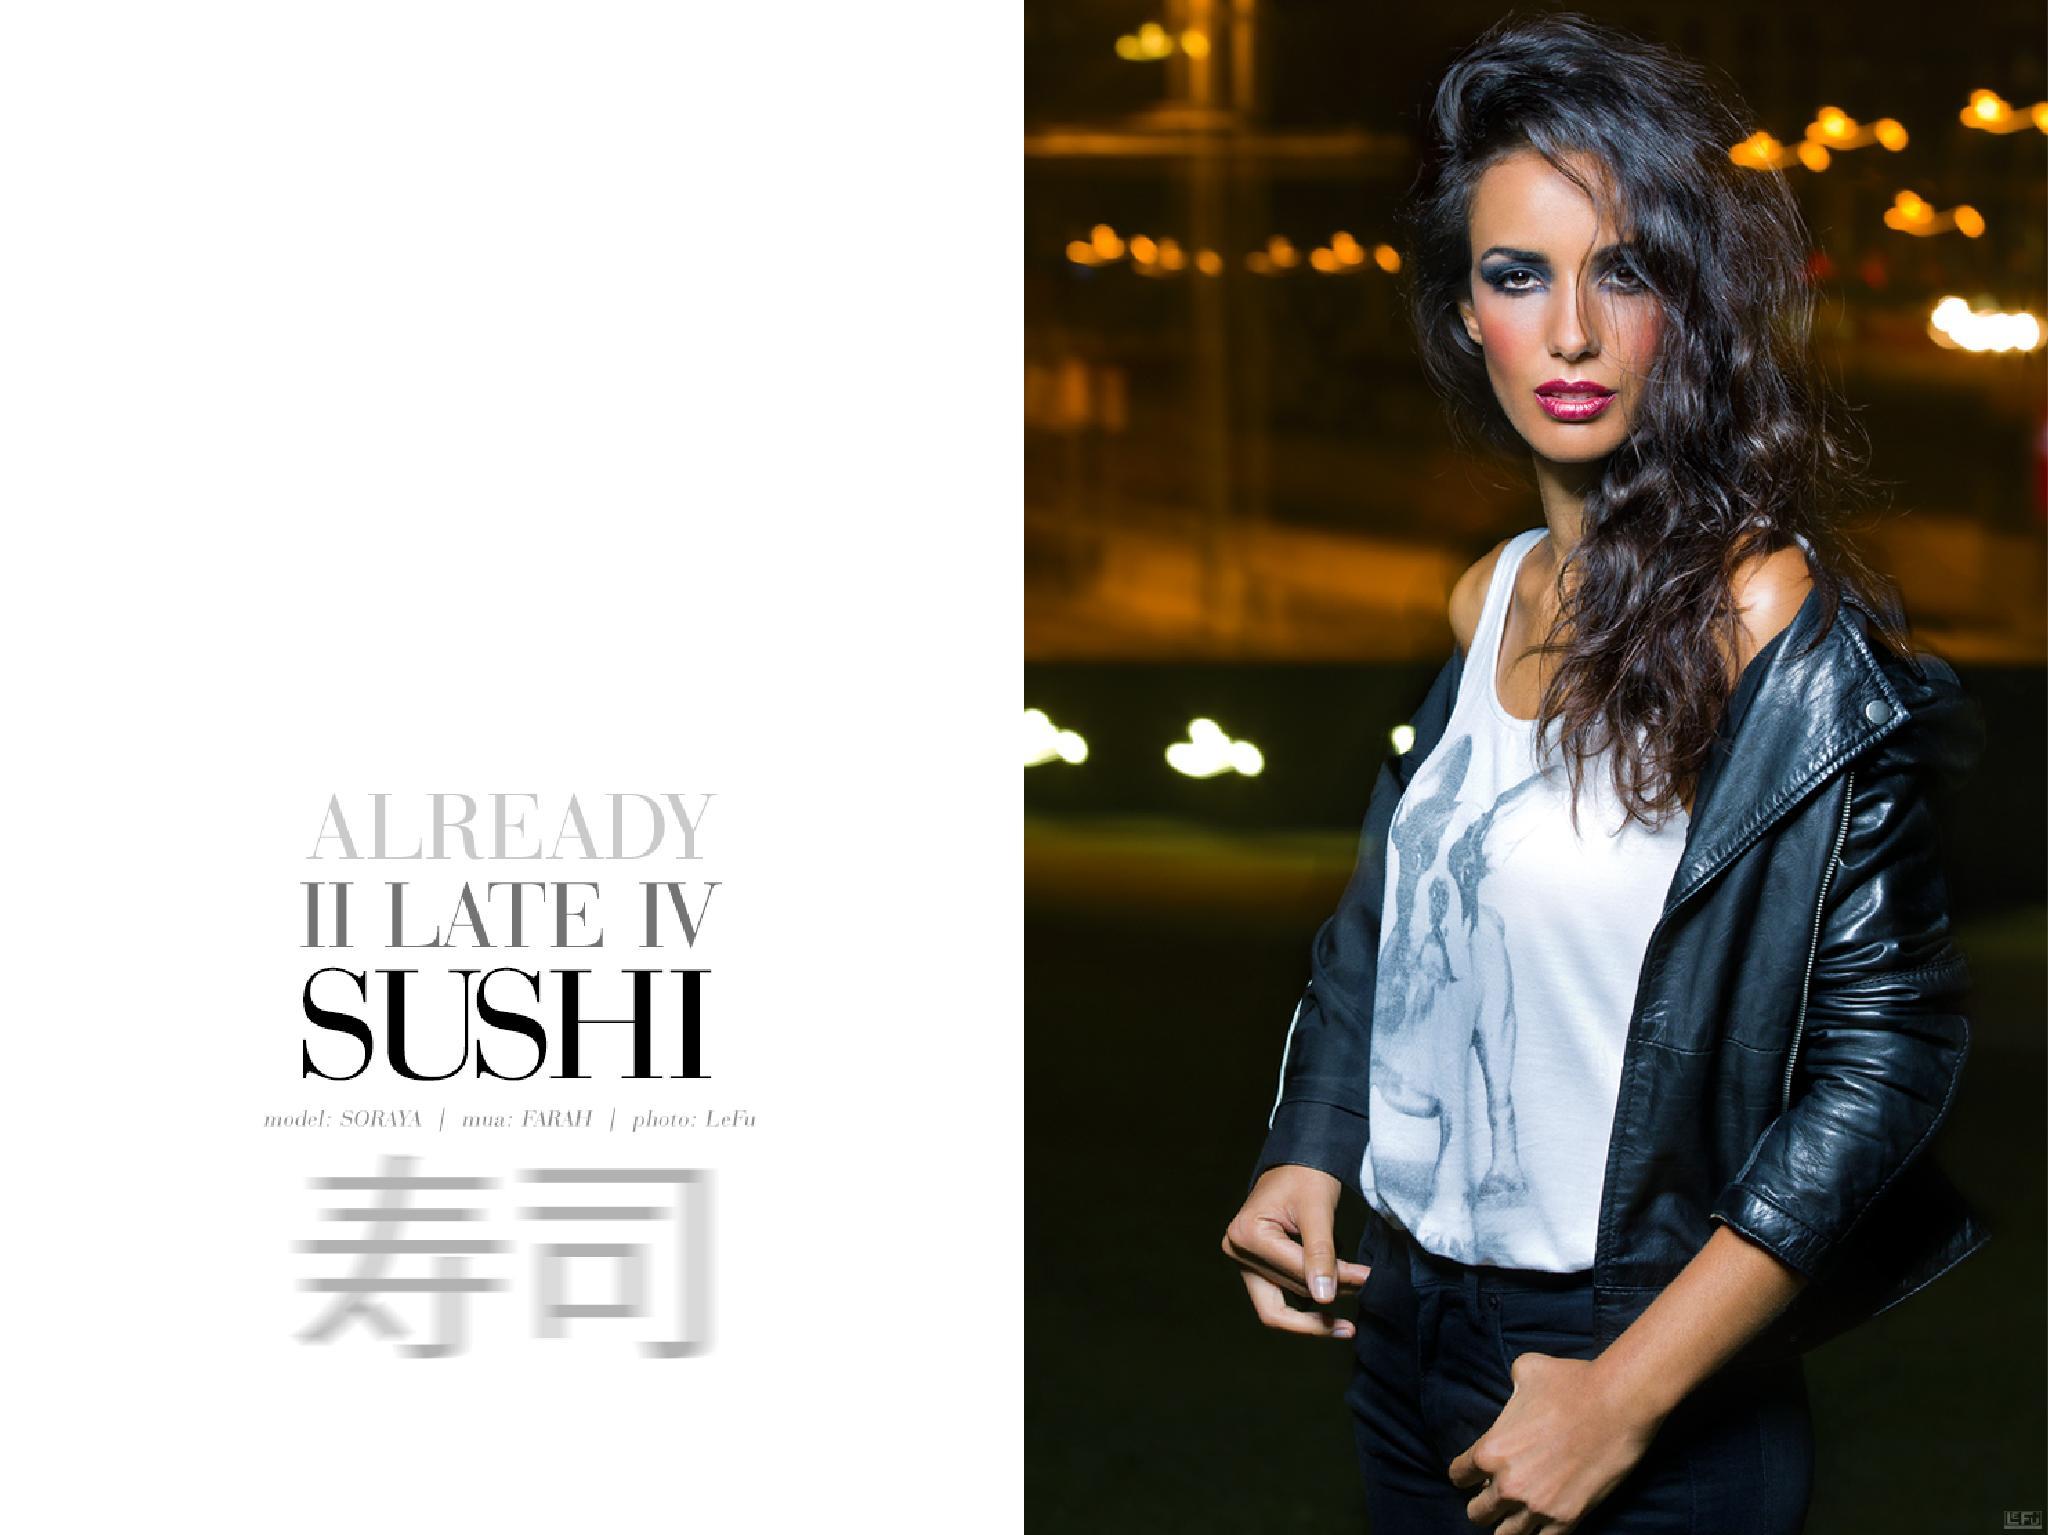 Already 2 late 4 Sushi - V by LeFu